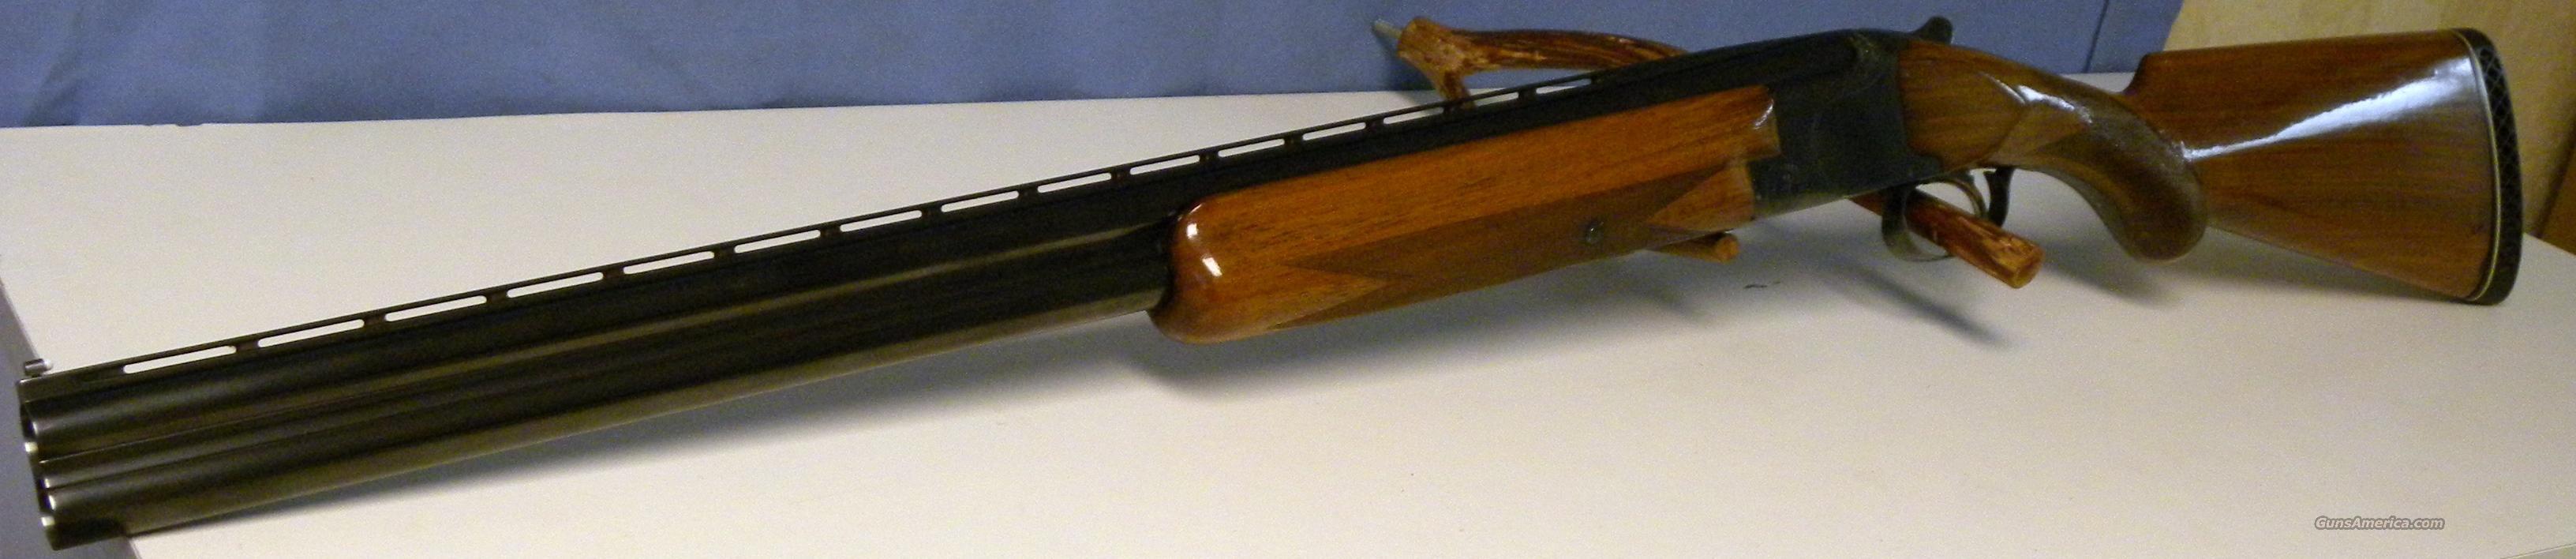 Browning Superposed 1963 12 Ga  Guns > Shotguns > Browning Shotguns > Over Unders > Belgian Manufacture